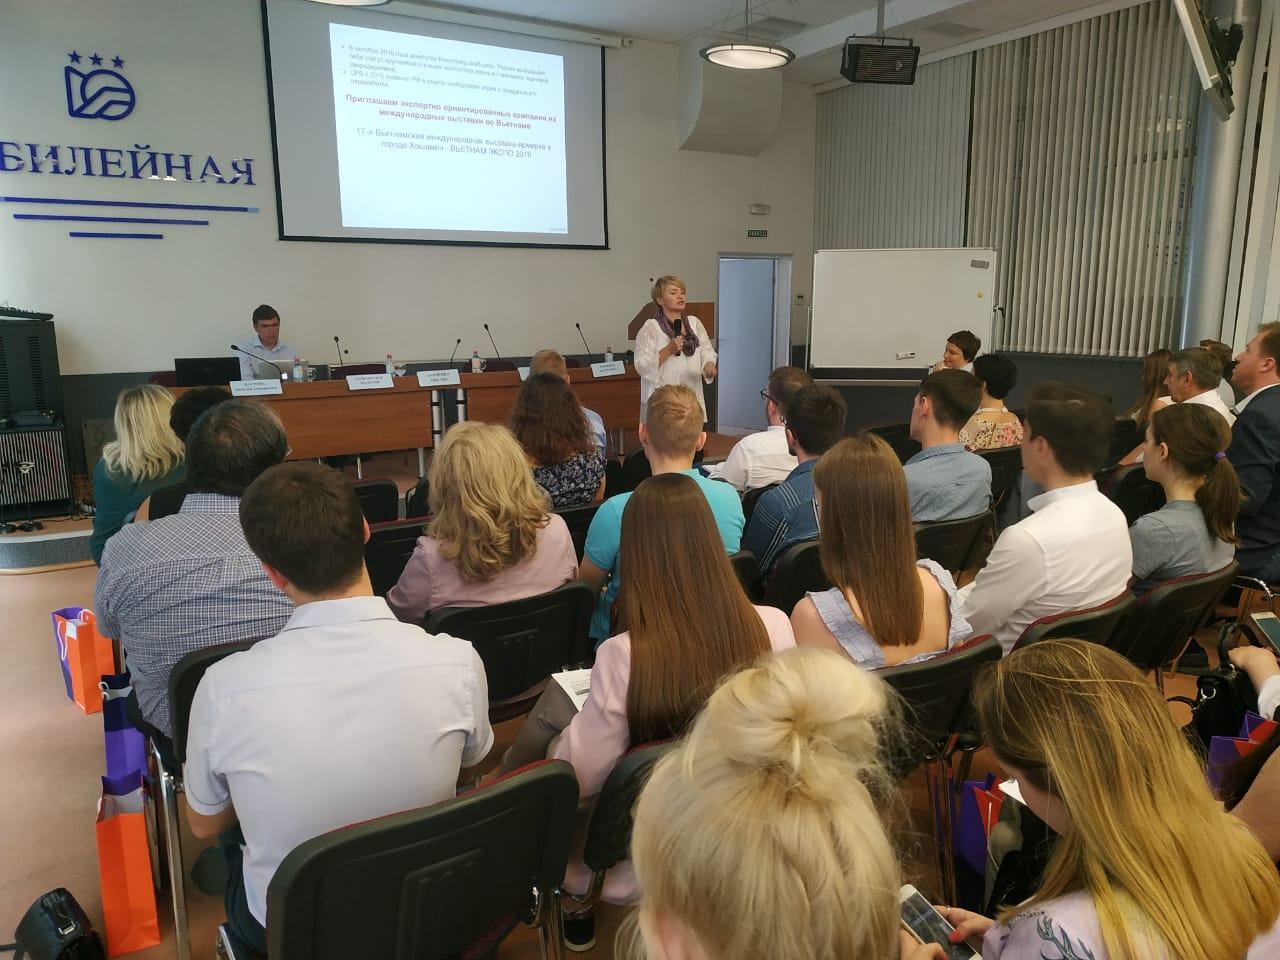 Дмитрий Миронов: в сфере малого и среднего бизнеса в нашем регионе работают 190 тысяч человек